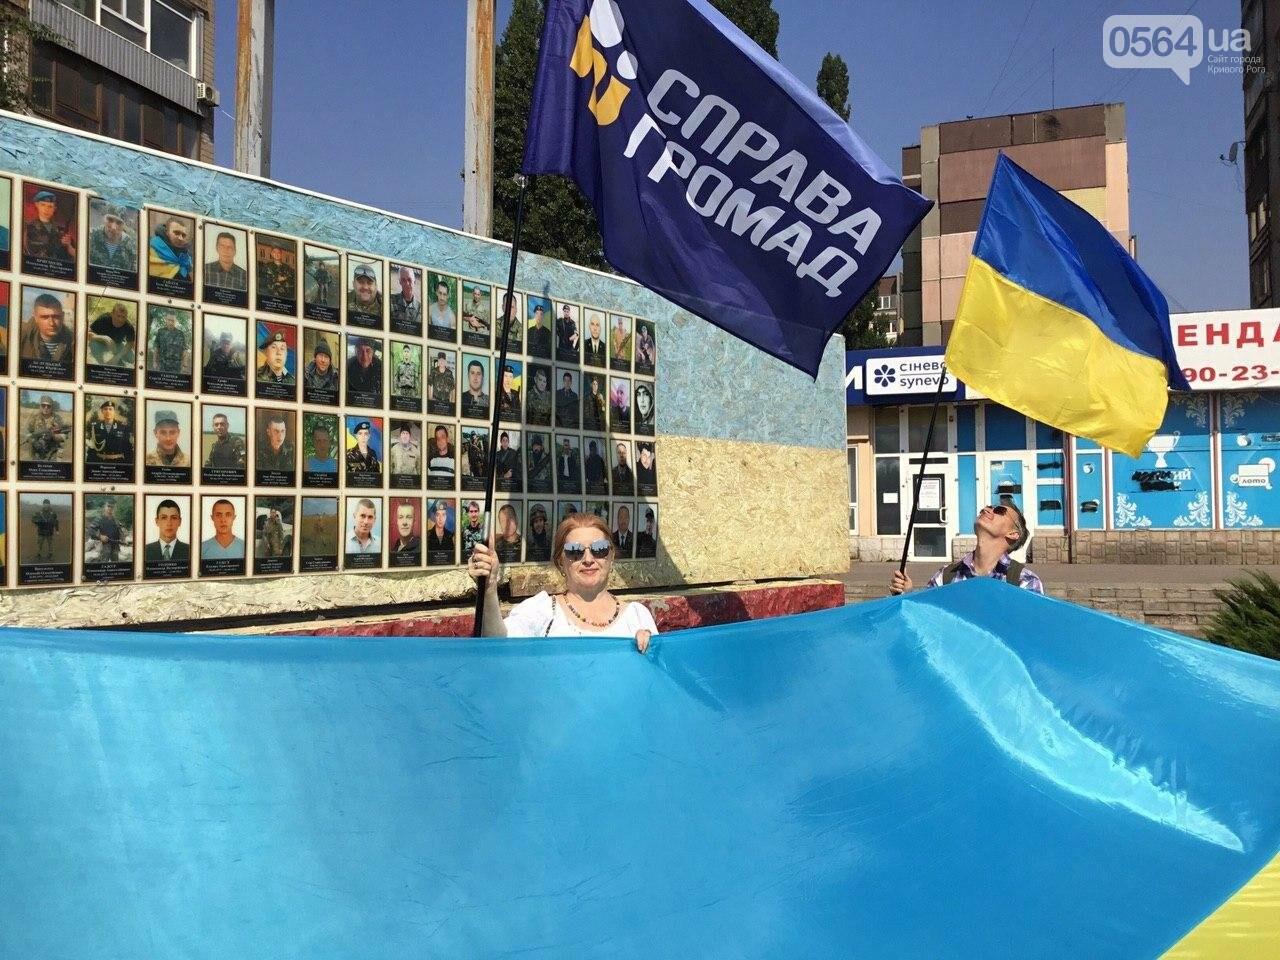 """""""Українці - брати, Разом ми - сила!"""", - какие пожелания и призывы написали криворожане на Знамени Единства, - ФОТО, ВИДЕО, фото-64"""